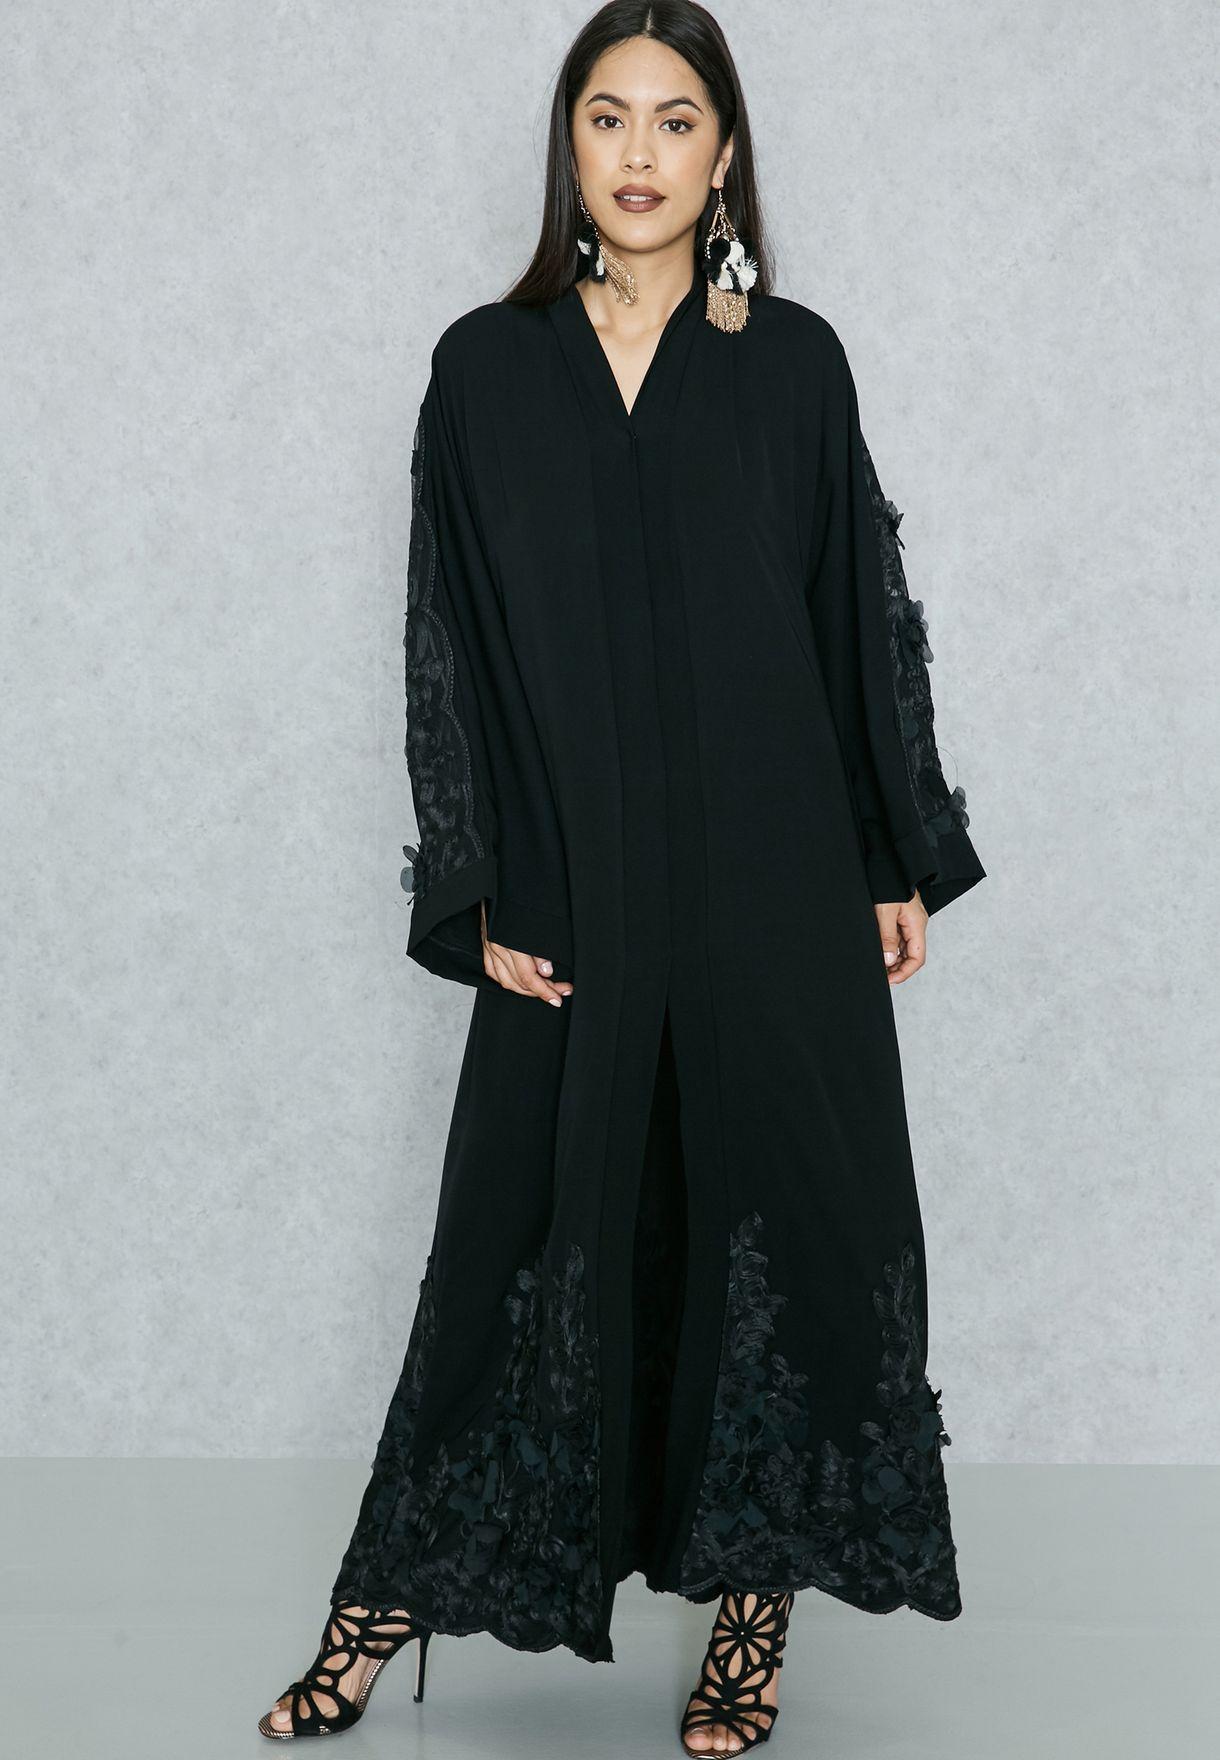 Lace Applique Detail Abaya